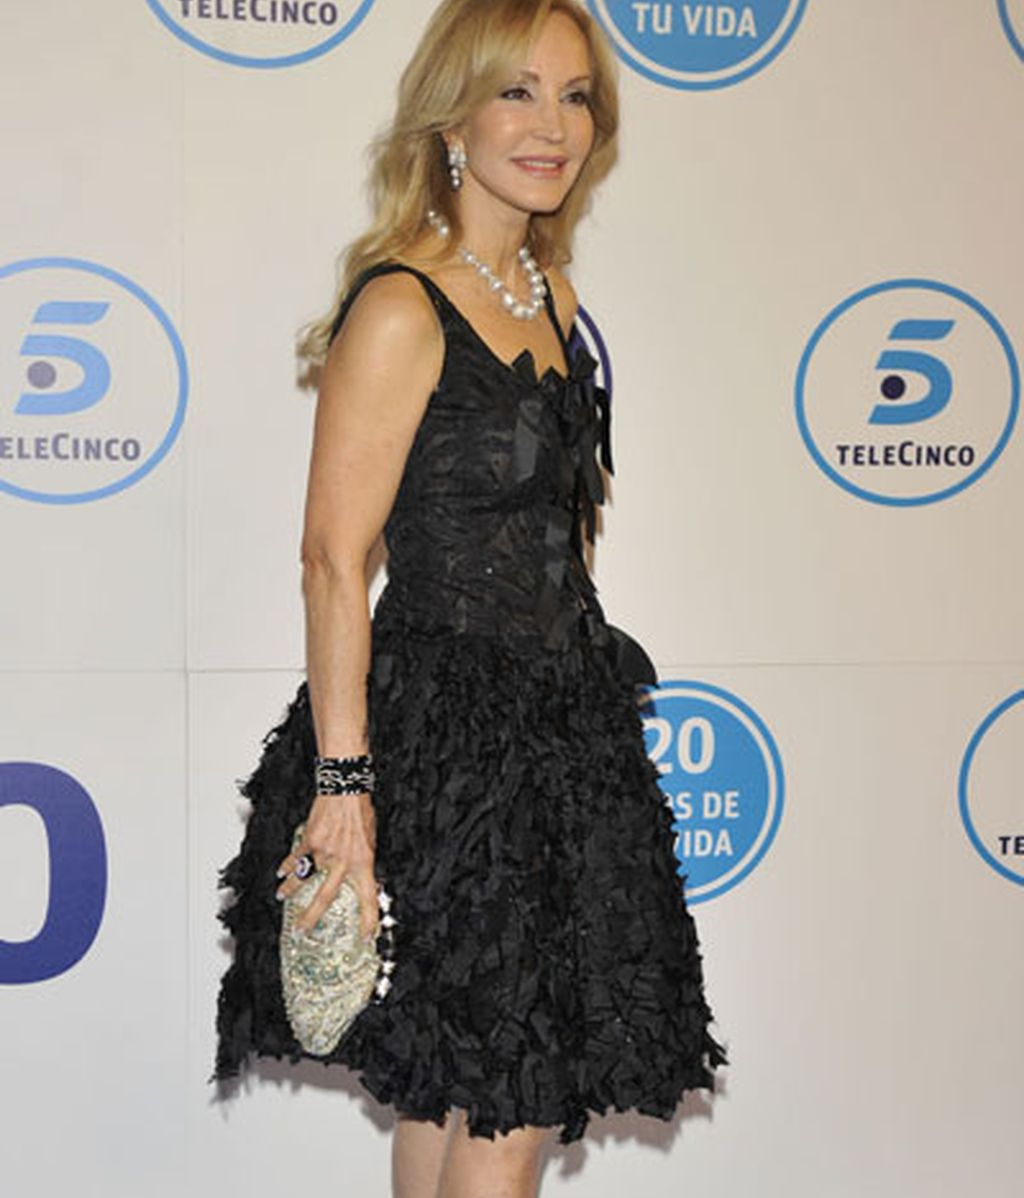 El Photocall de la Gala de 20 aniversario de Telecinco